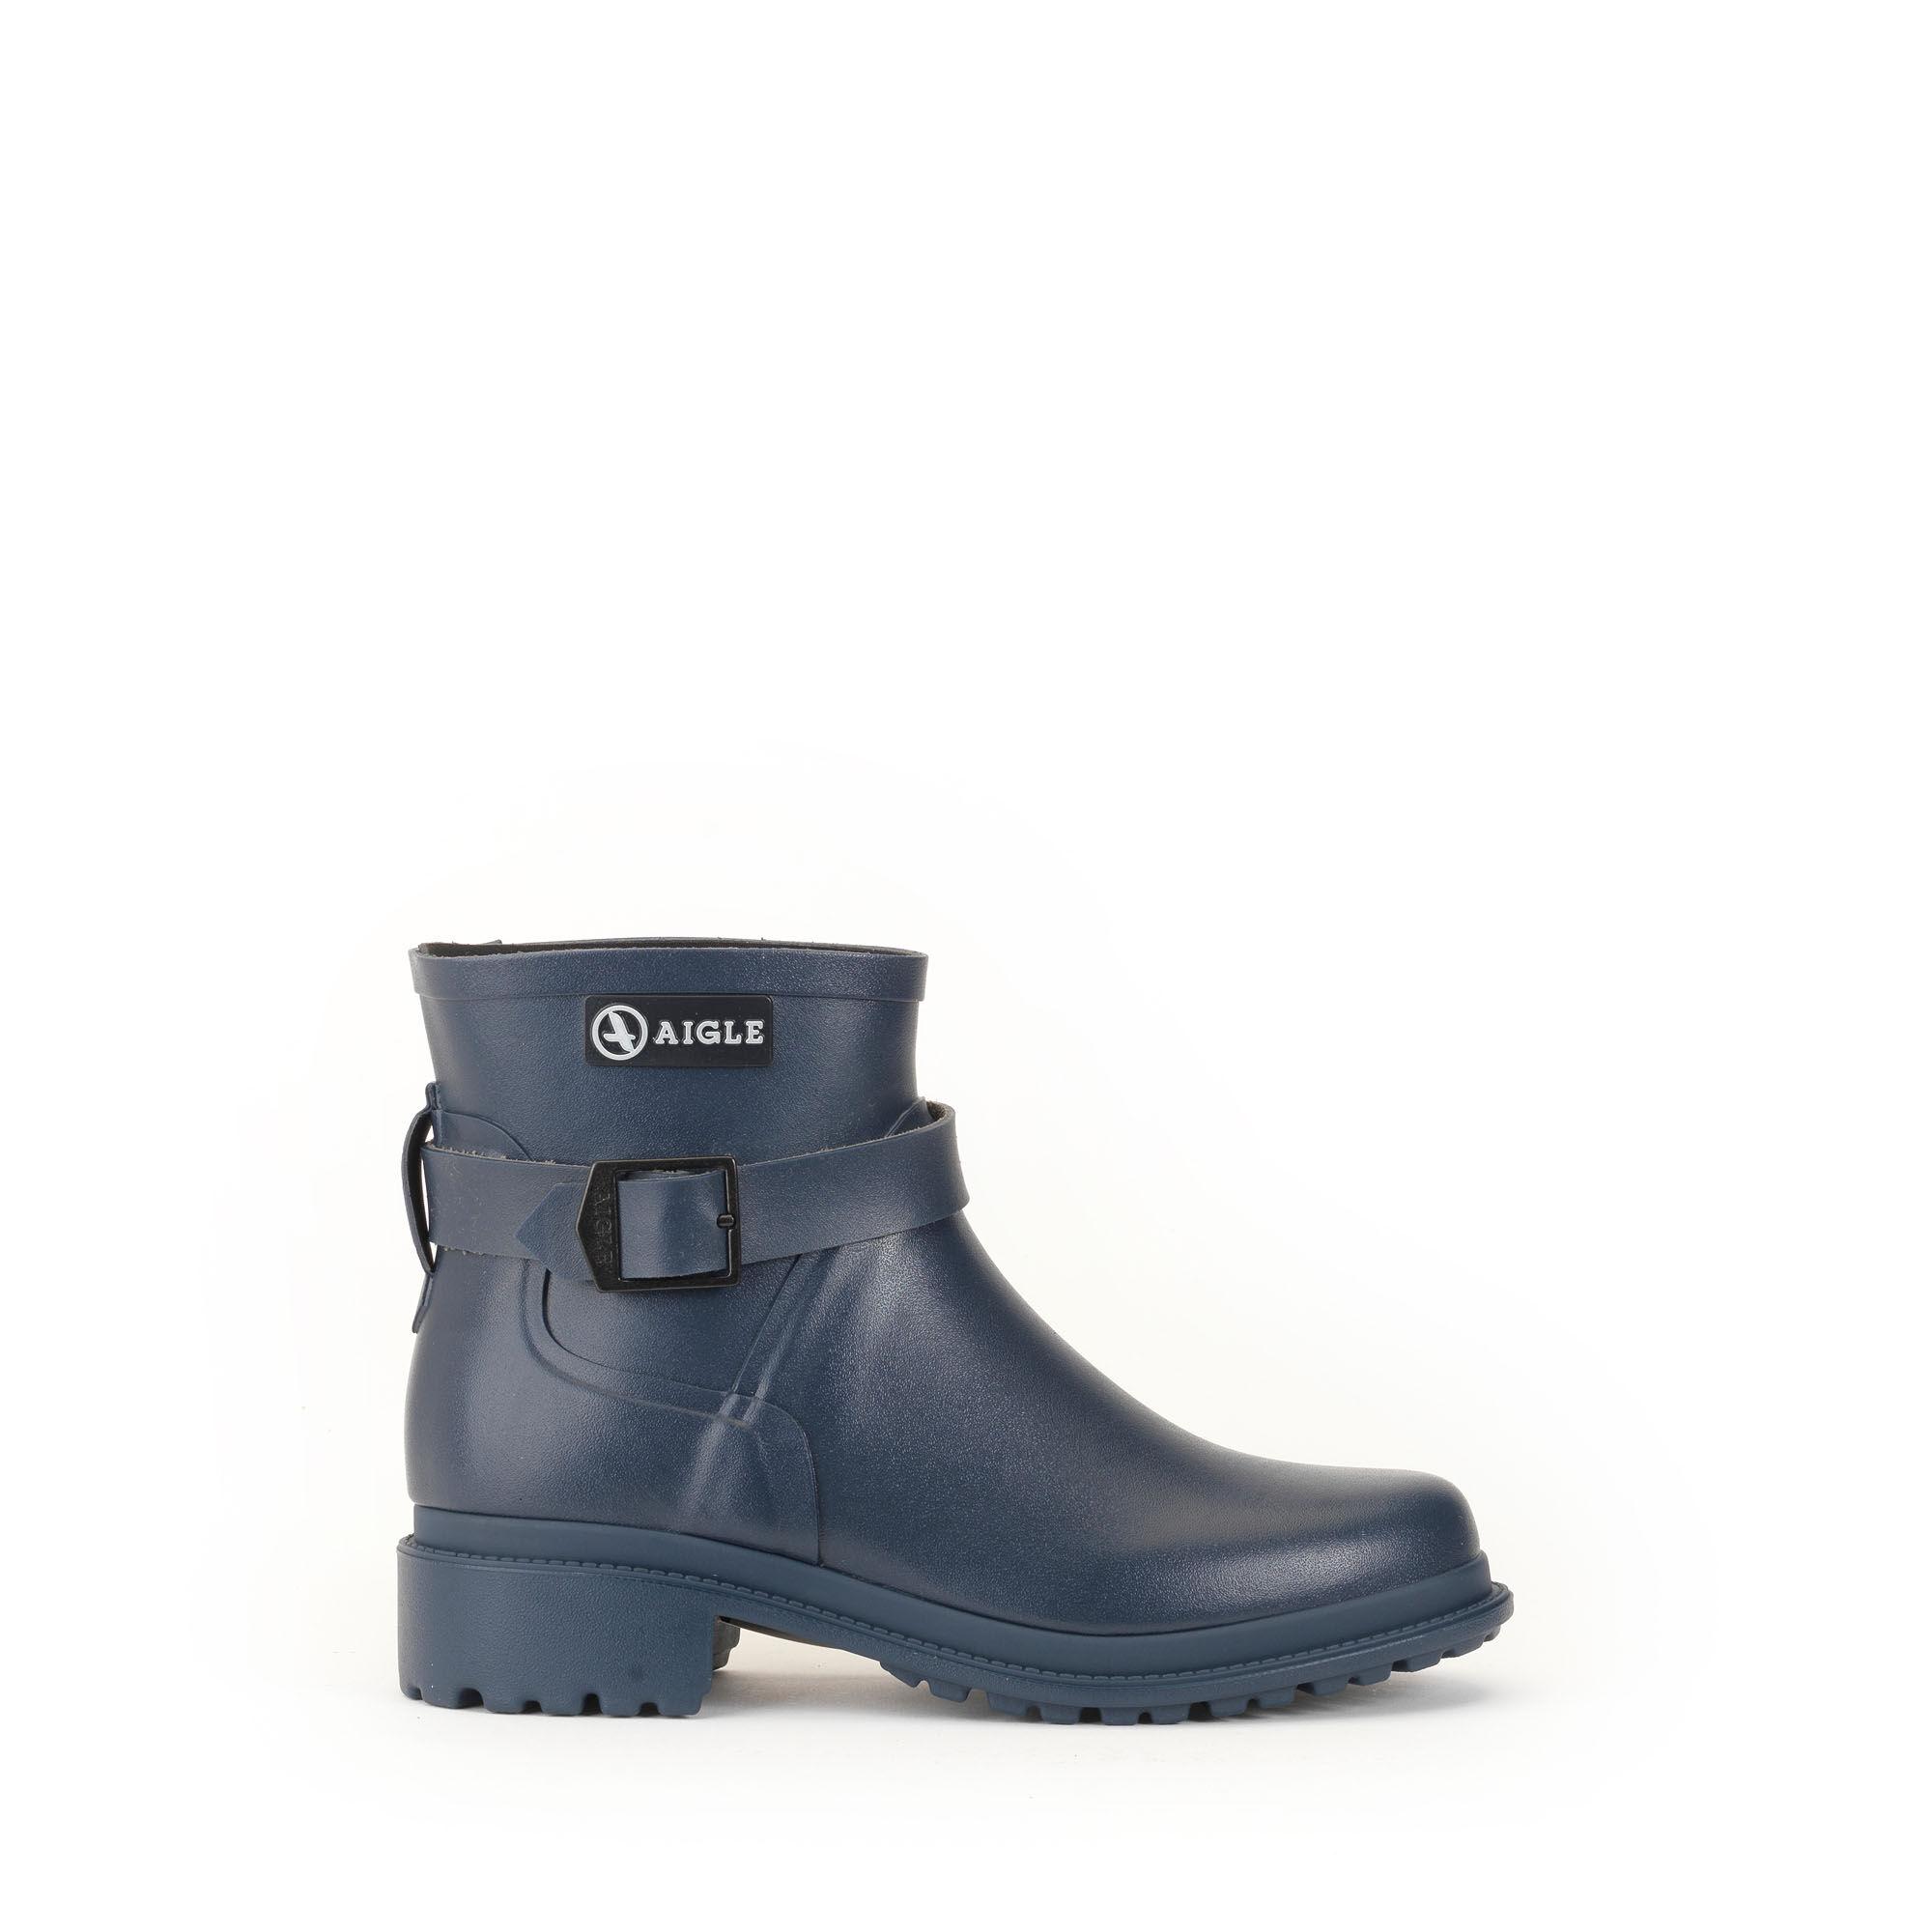 Chaussures Muck Boots bleu marine Casual femme Gant Austin bMSt1I